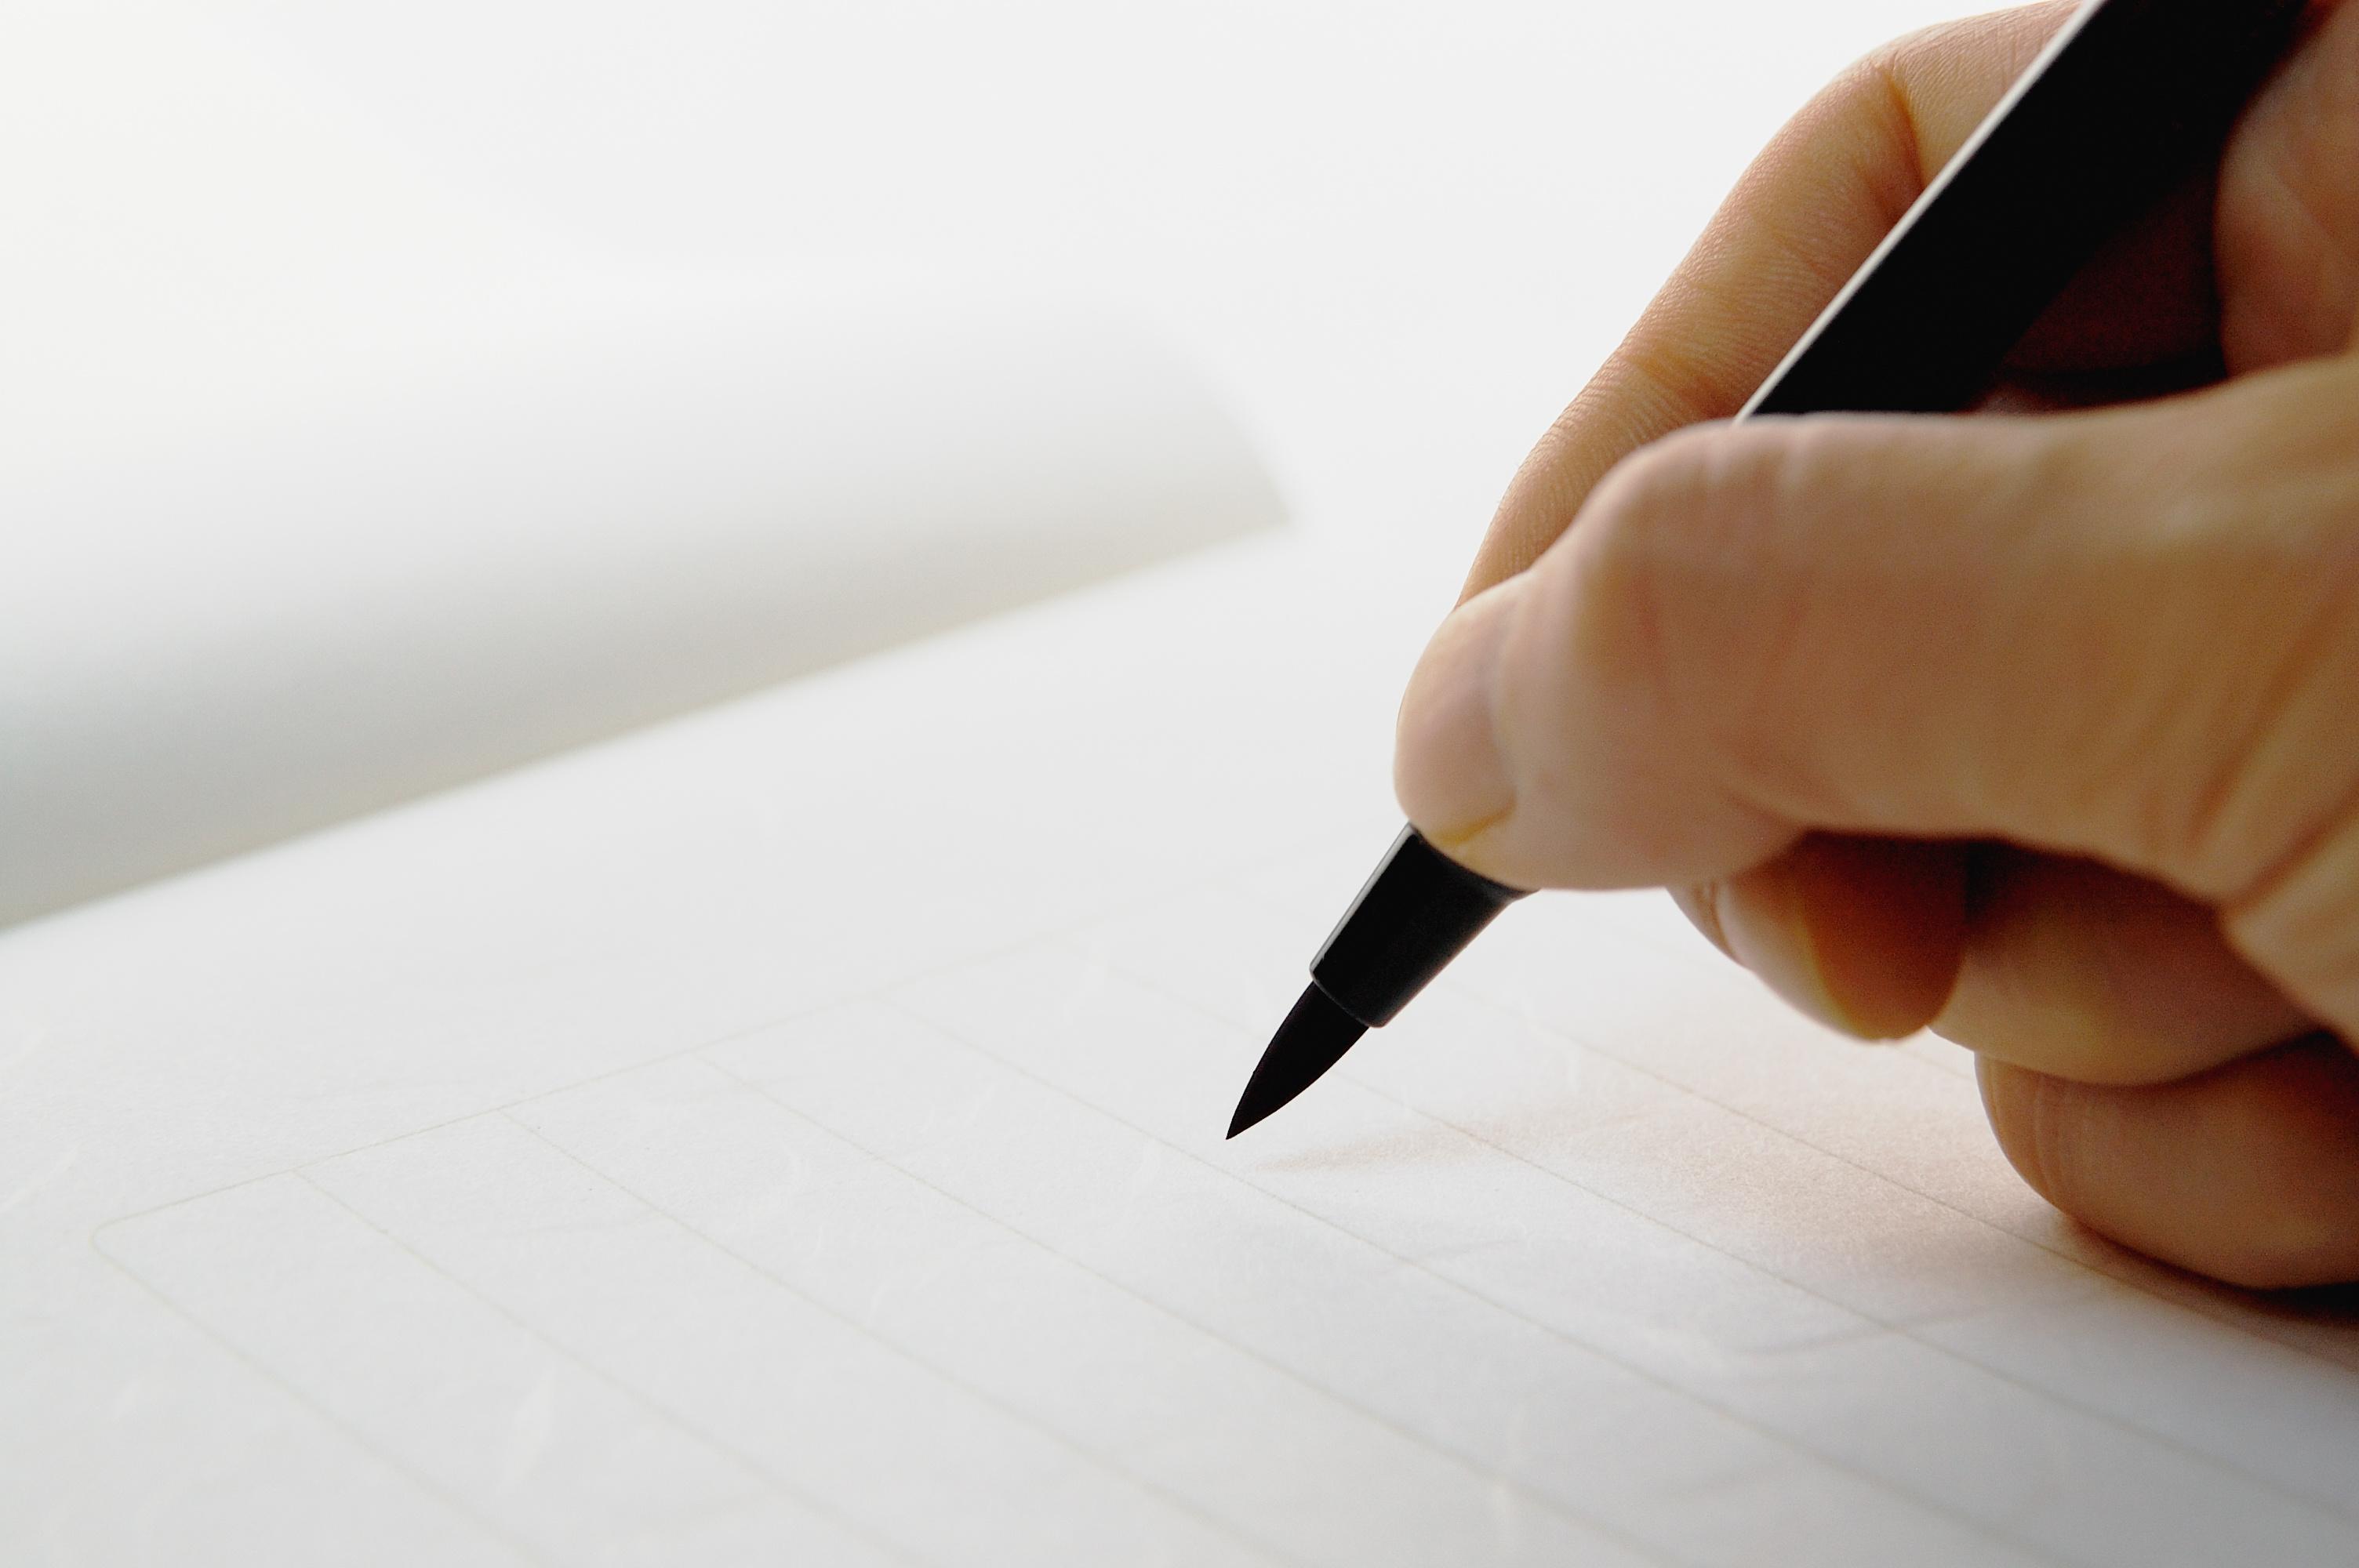 香典返しを辞退する時に読む!「断り書き」の書き方とマナーを解説のサムネイル画像